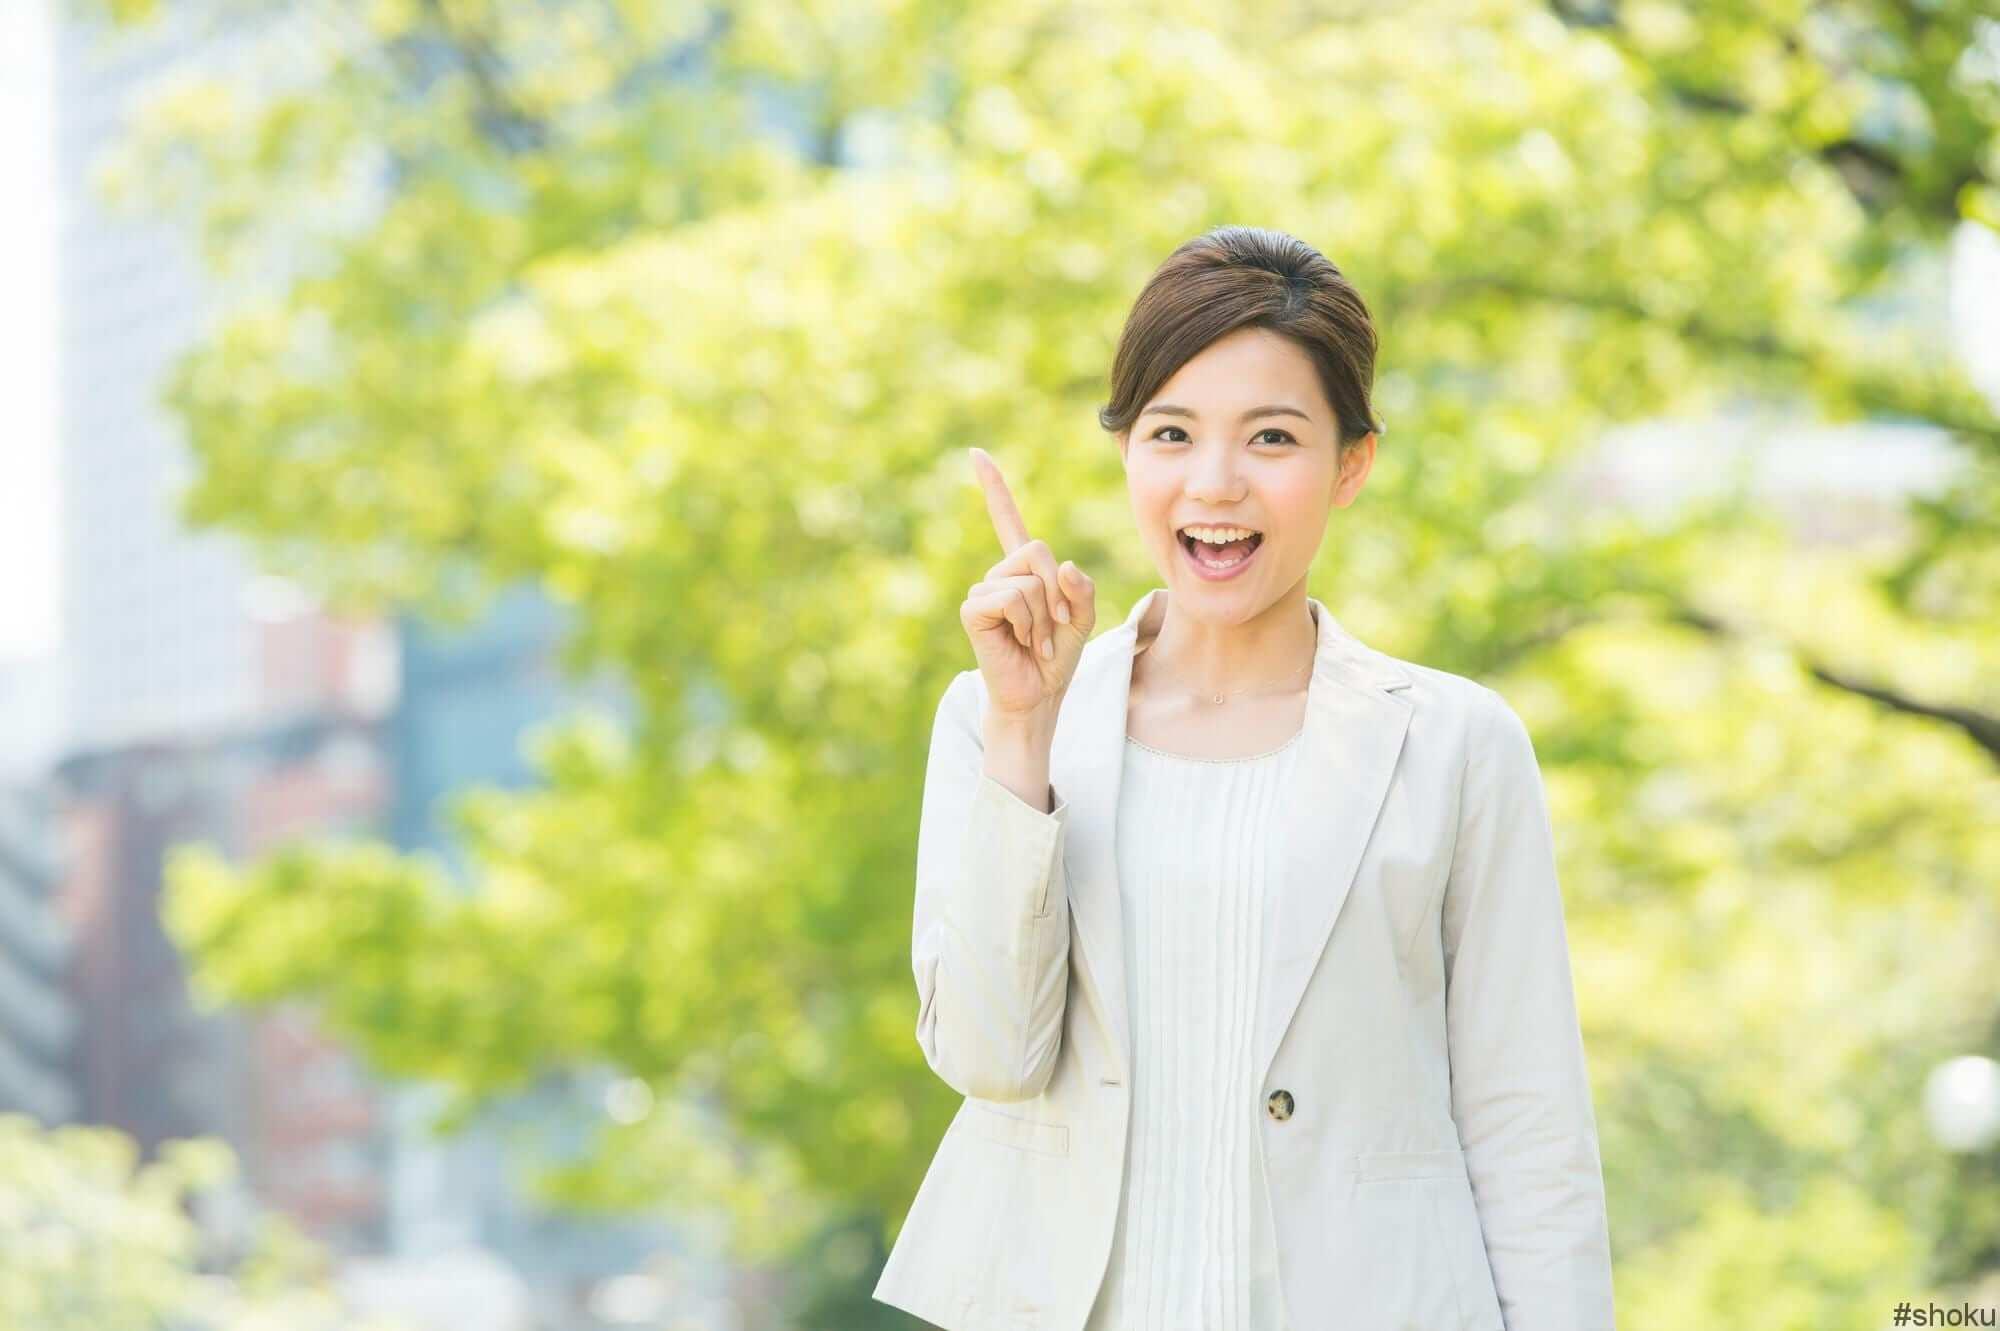 転職エージェントを使って転職する方に知ってほしい6つのことについて話す女性